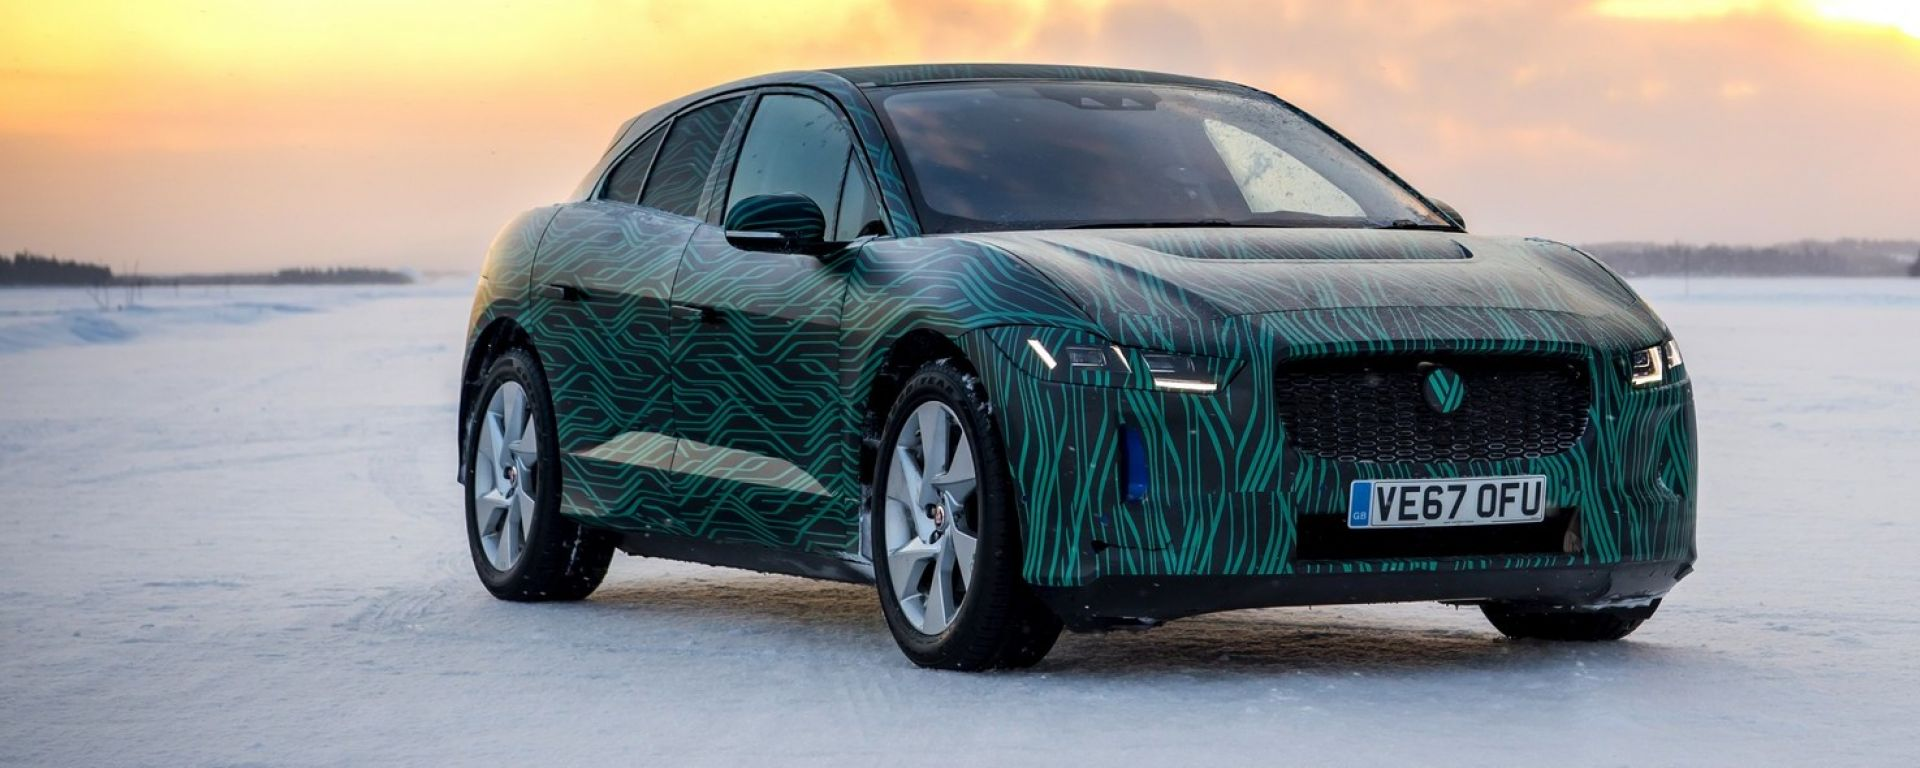 Jaguar I-Pace: le prime info ufficiali [VIDEO]